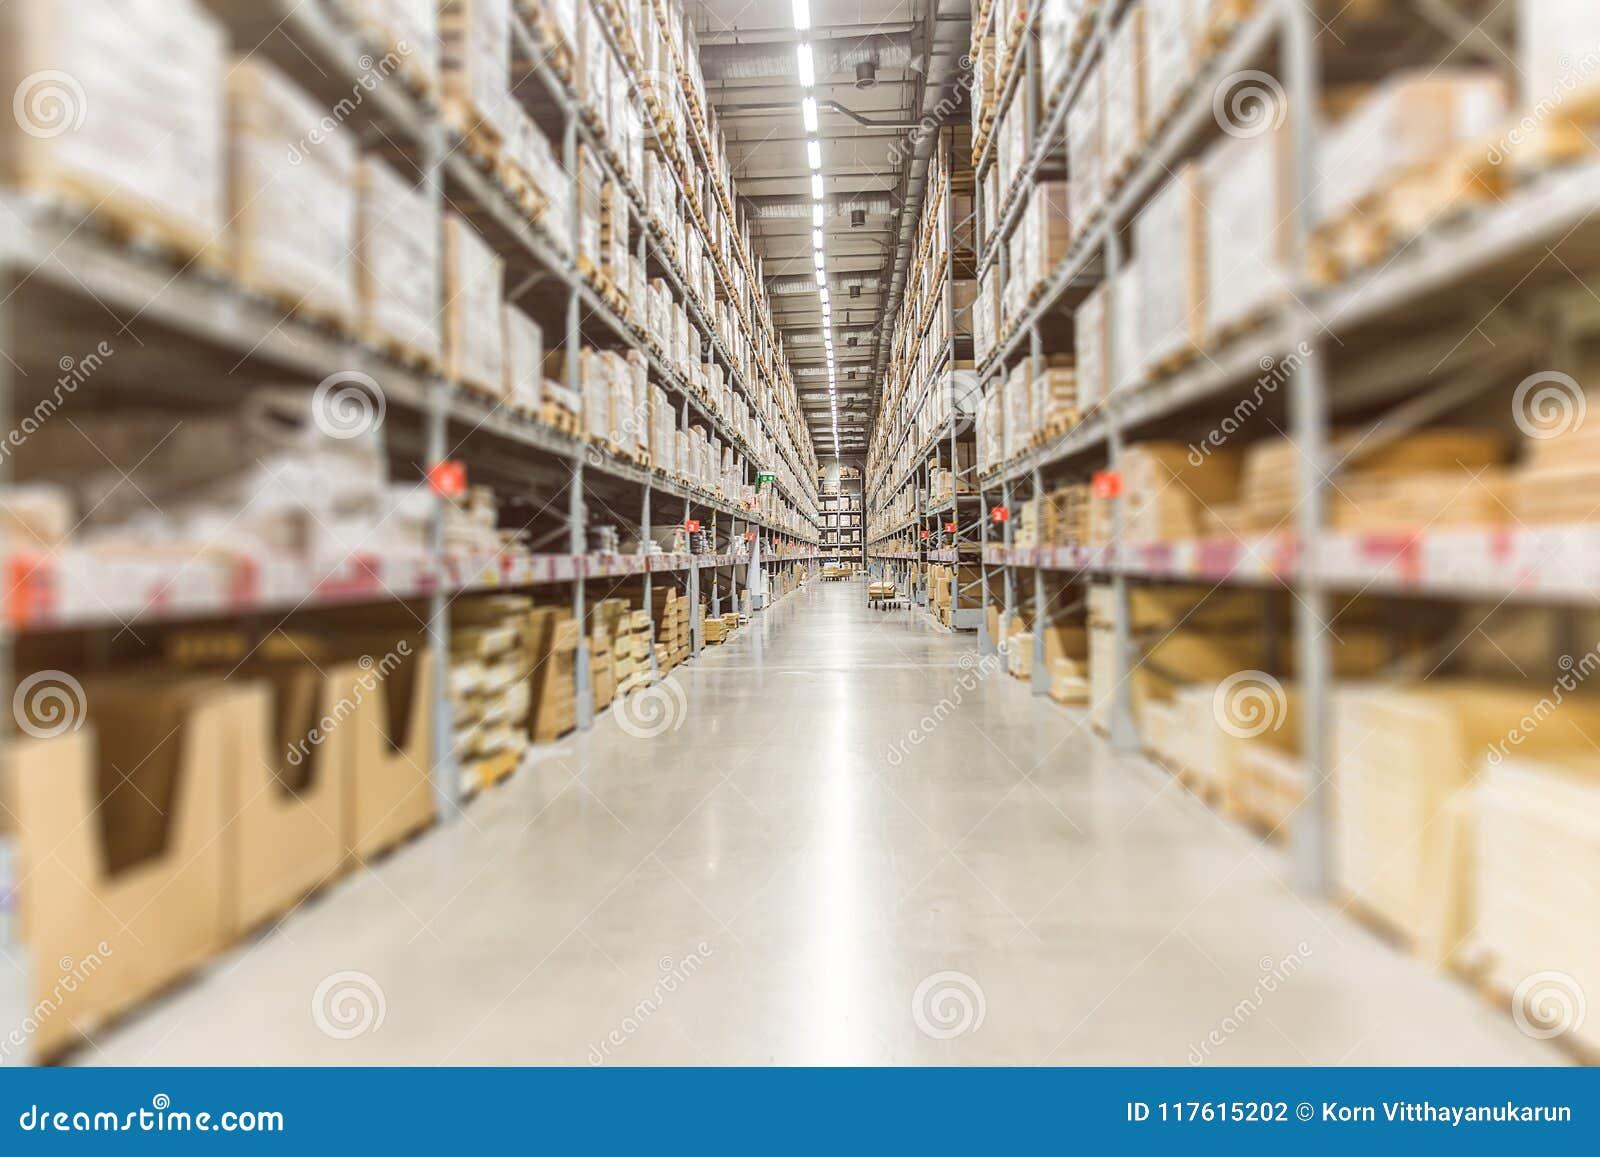 Inventario grande Acción de las mercancías de Warehouse para el envío logístico